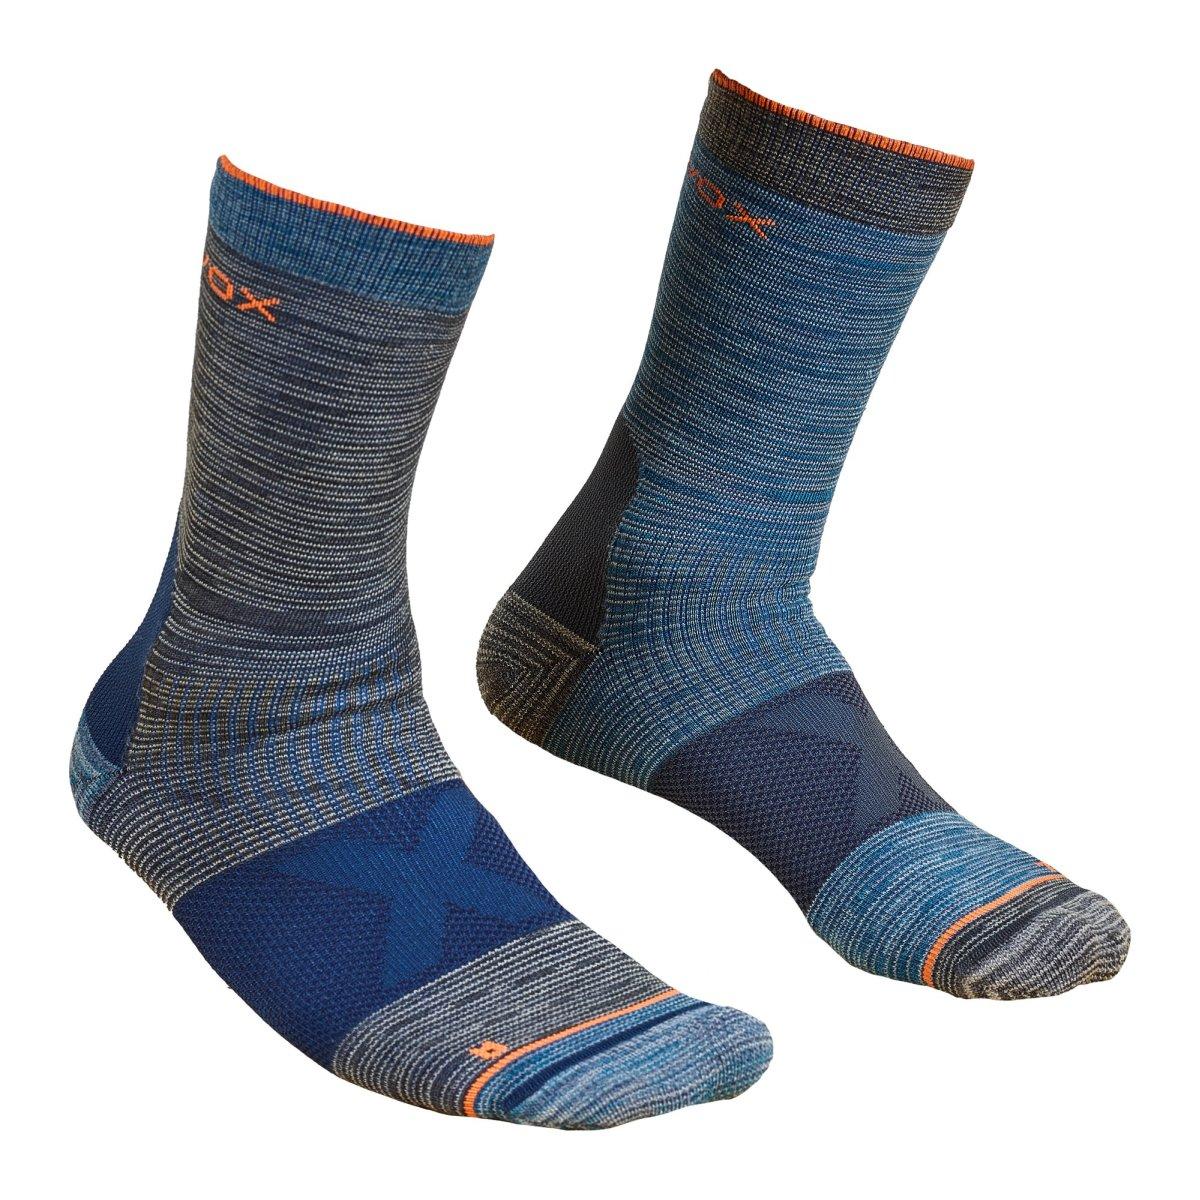 Ortovox - ALPINIST MID SOCKS - Bequeme, technische Merino-Socken für lange Bergtouren